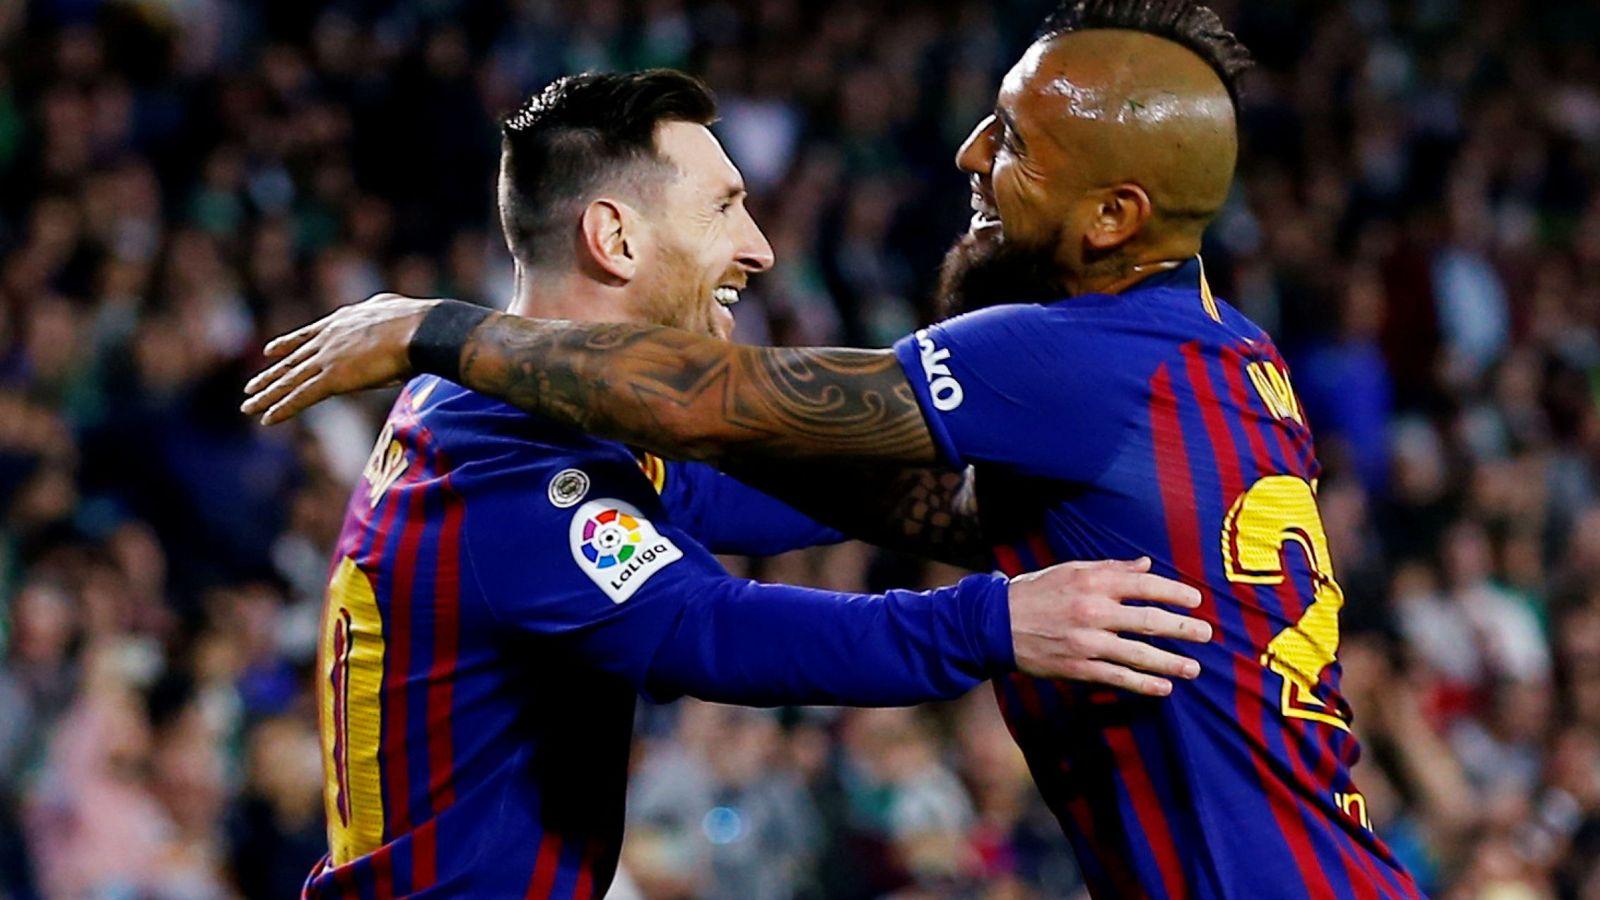 Foto: Arturo Vidal se abraza a Messi tras un gol del argentino en Liga. (Reuters)